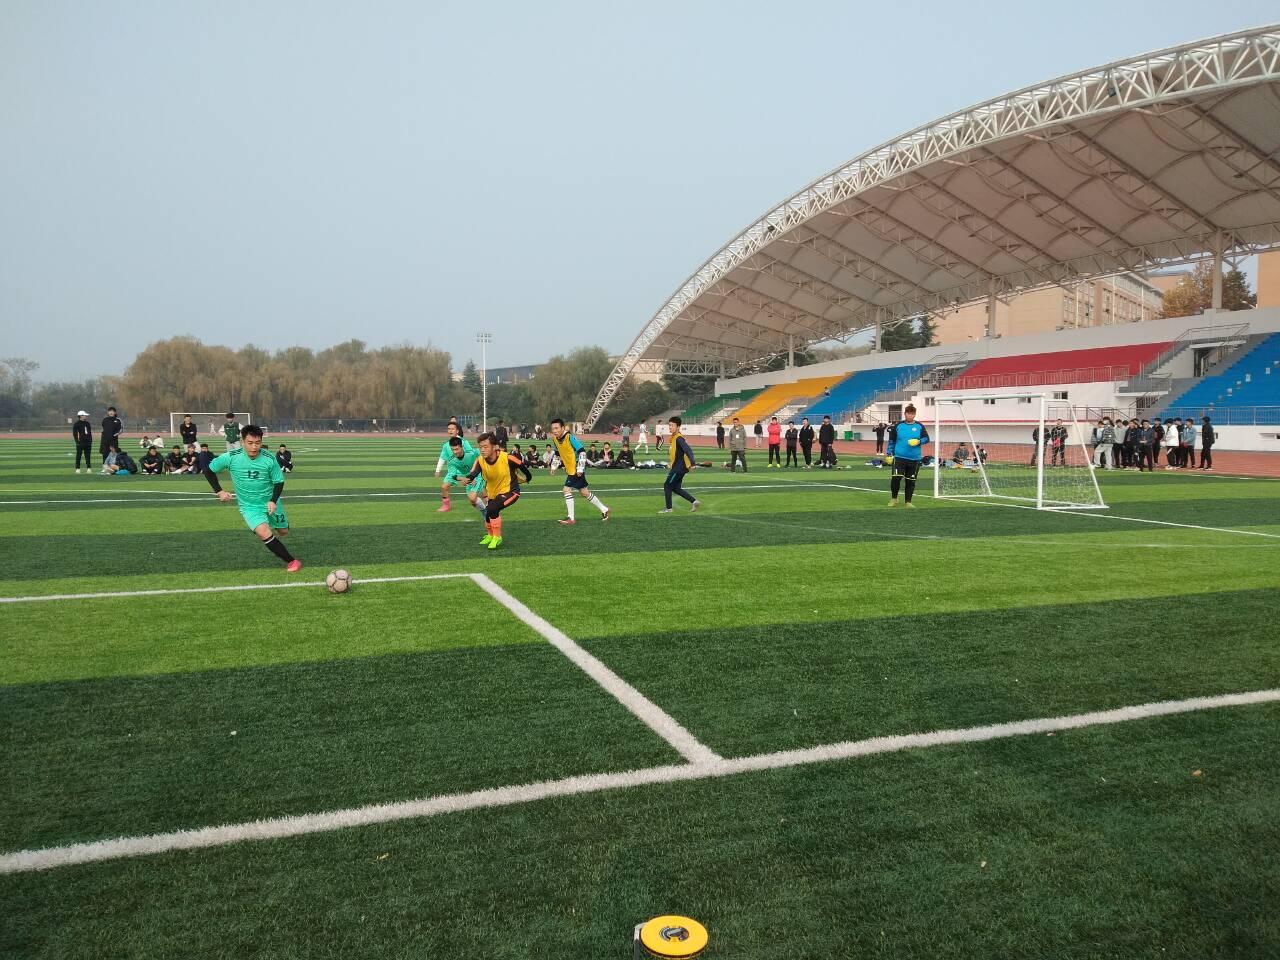 足球比赛理论与实践_中国风水文化理论演变和实践_硅超大规模集成电路工艺技术—理论,实践与模型